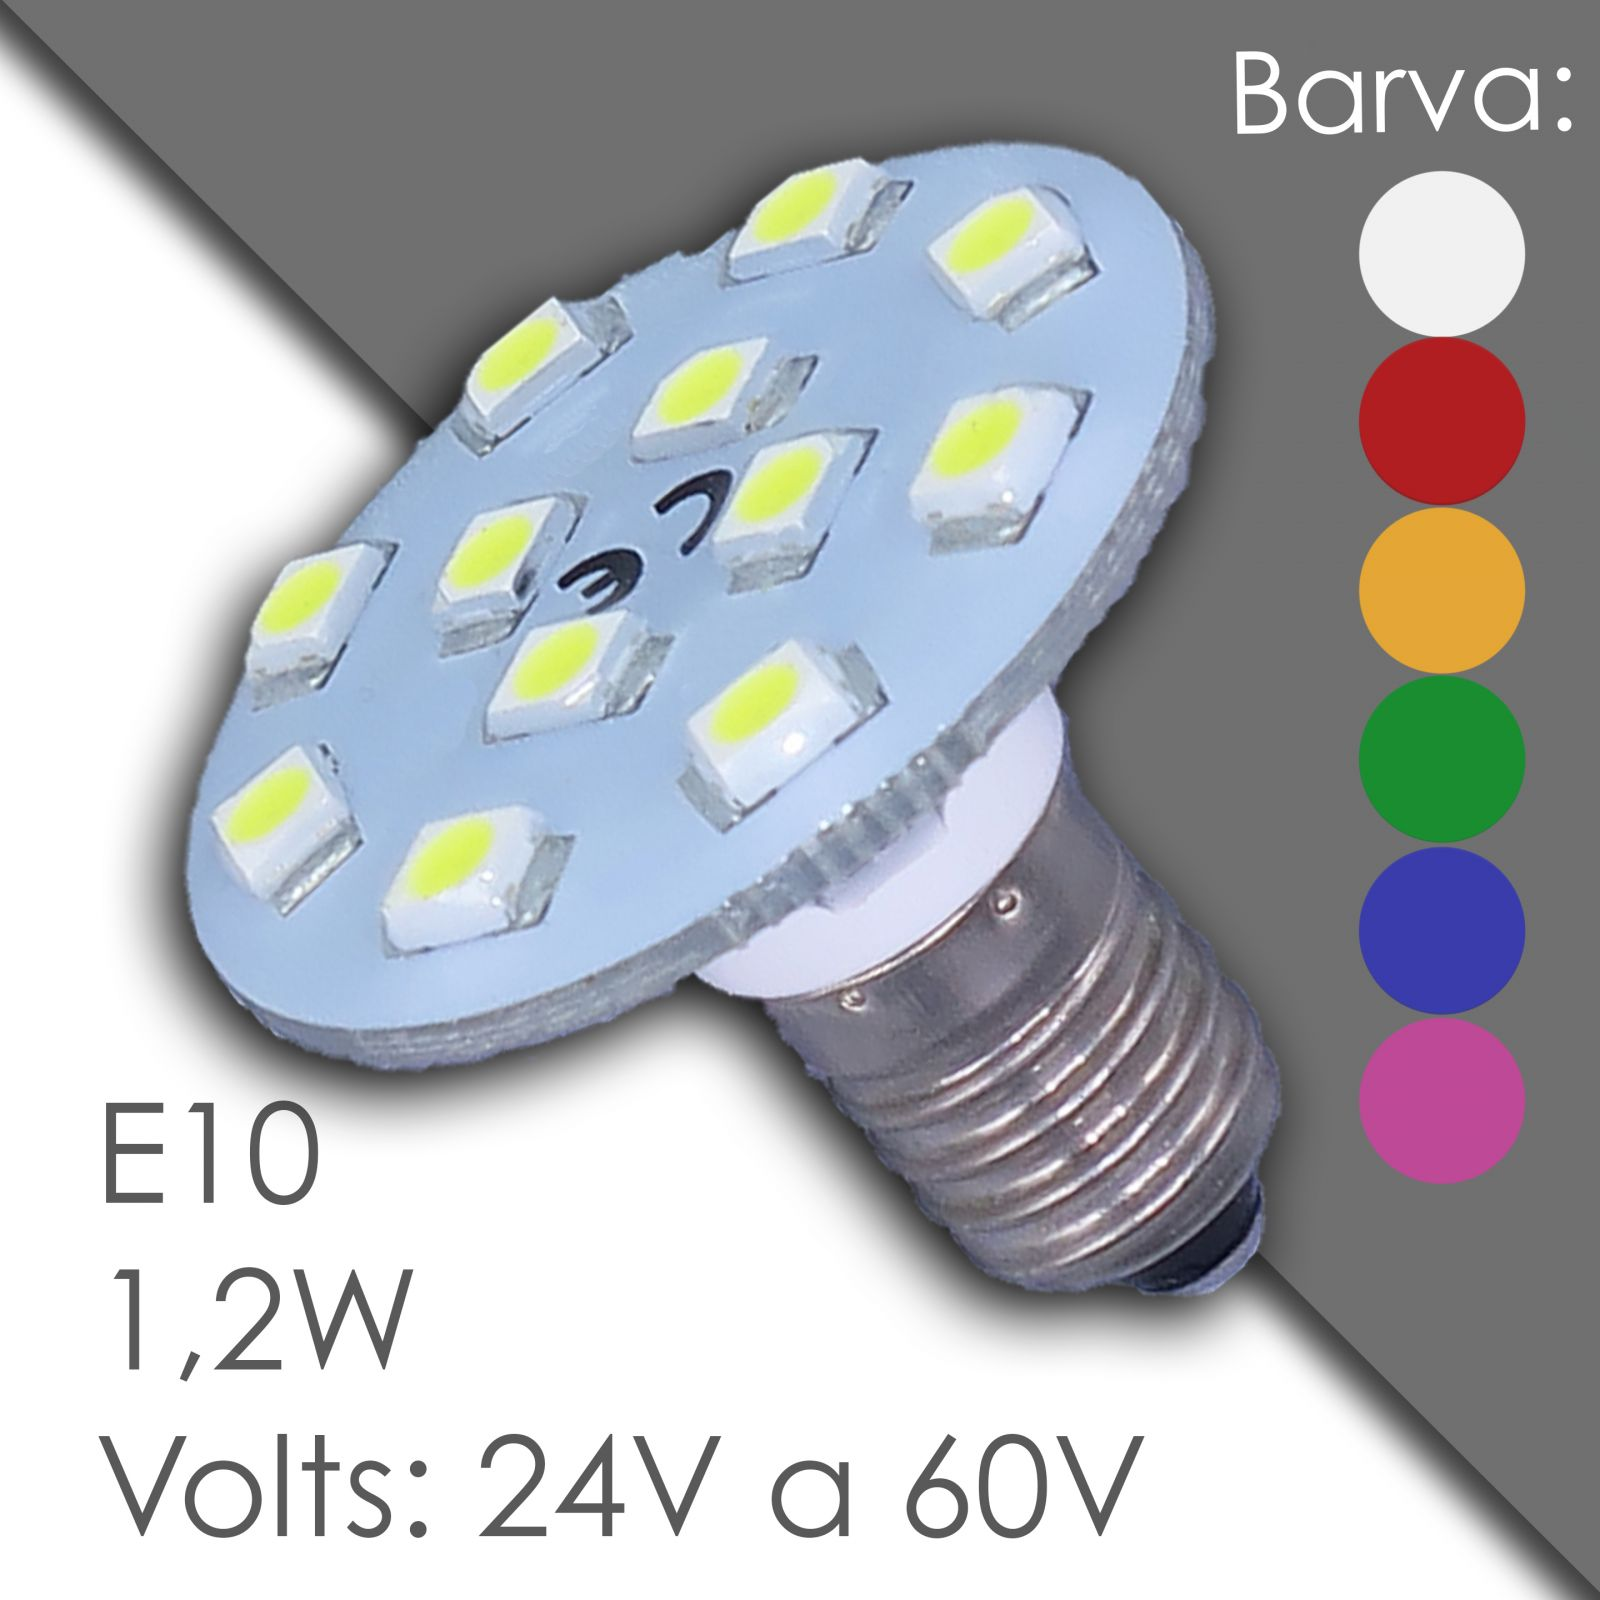 Led E10 24V a 60V, waterproof, in resin